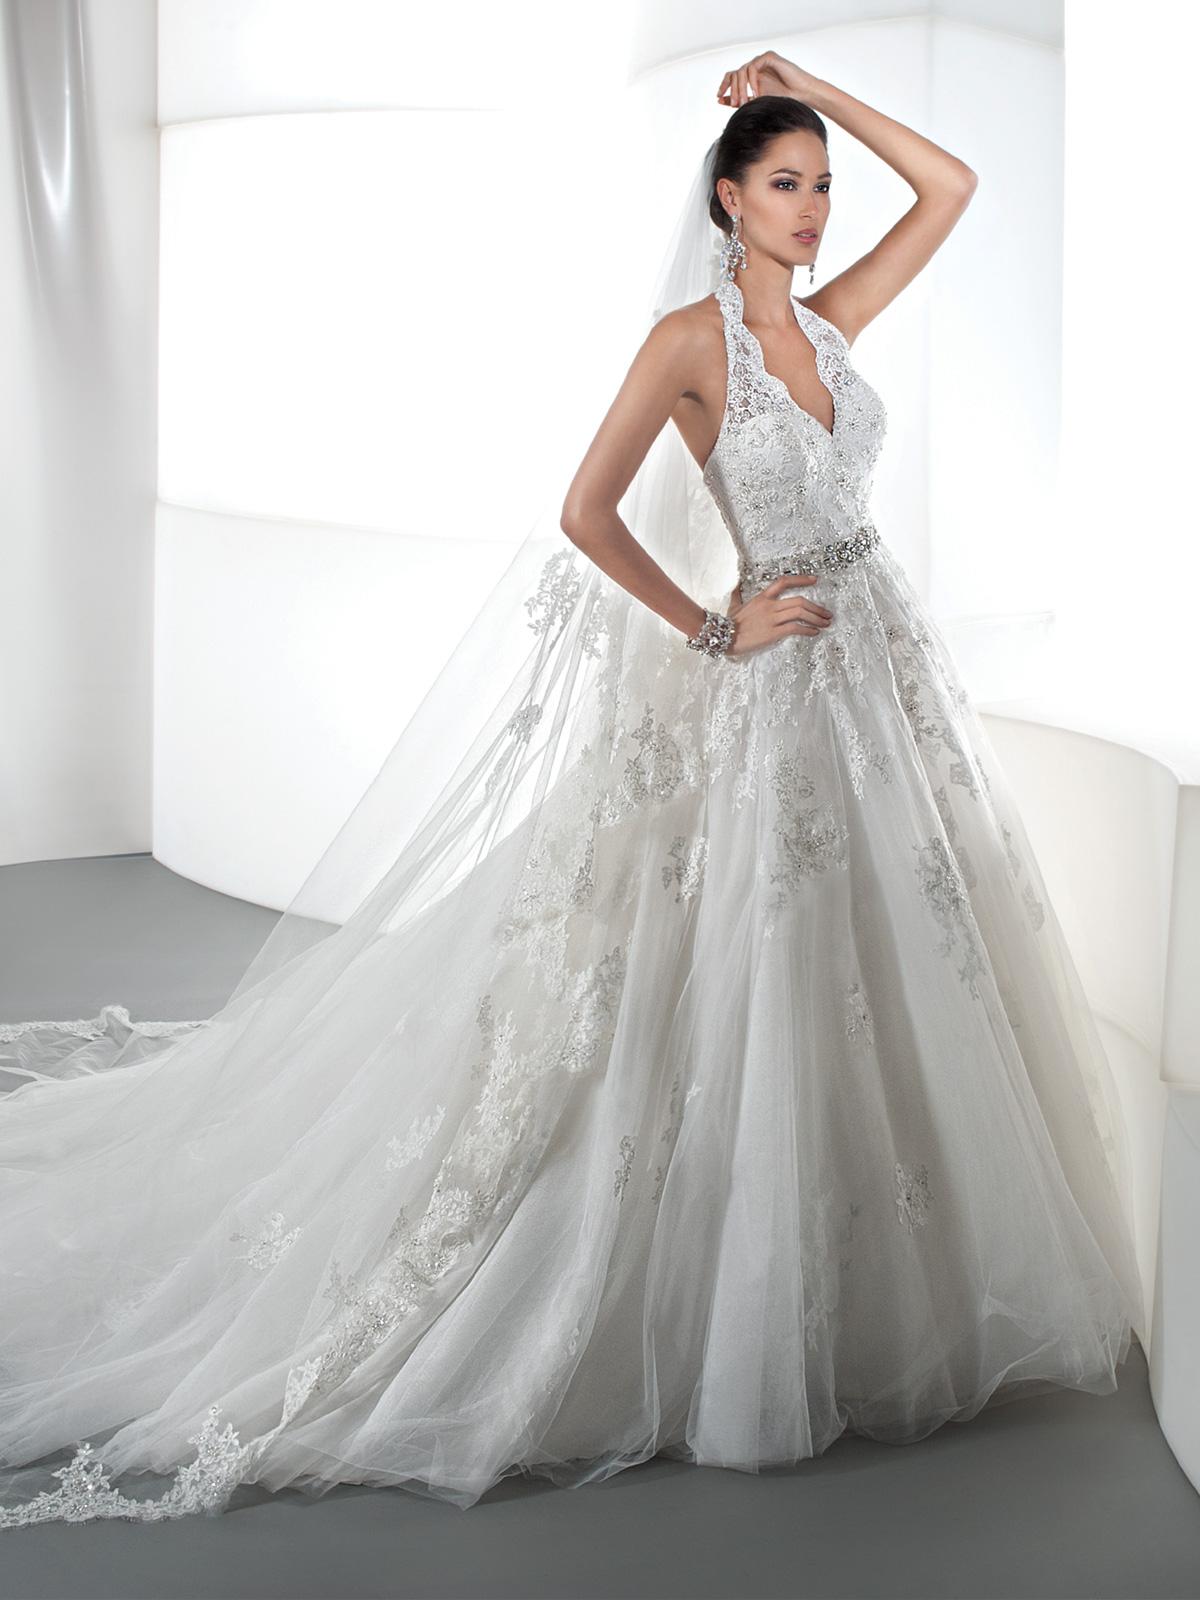 Vestido de Noiva frente única com saia ampla, com renda rebordada e cinto em pedrarias e cristais, suave cauda.